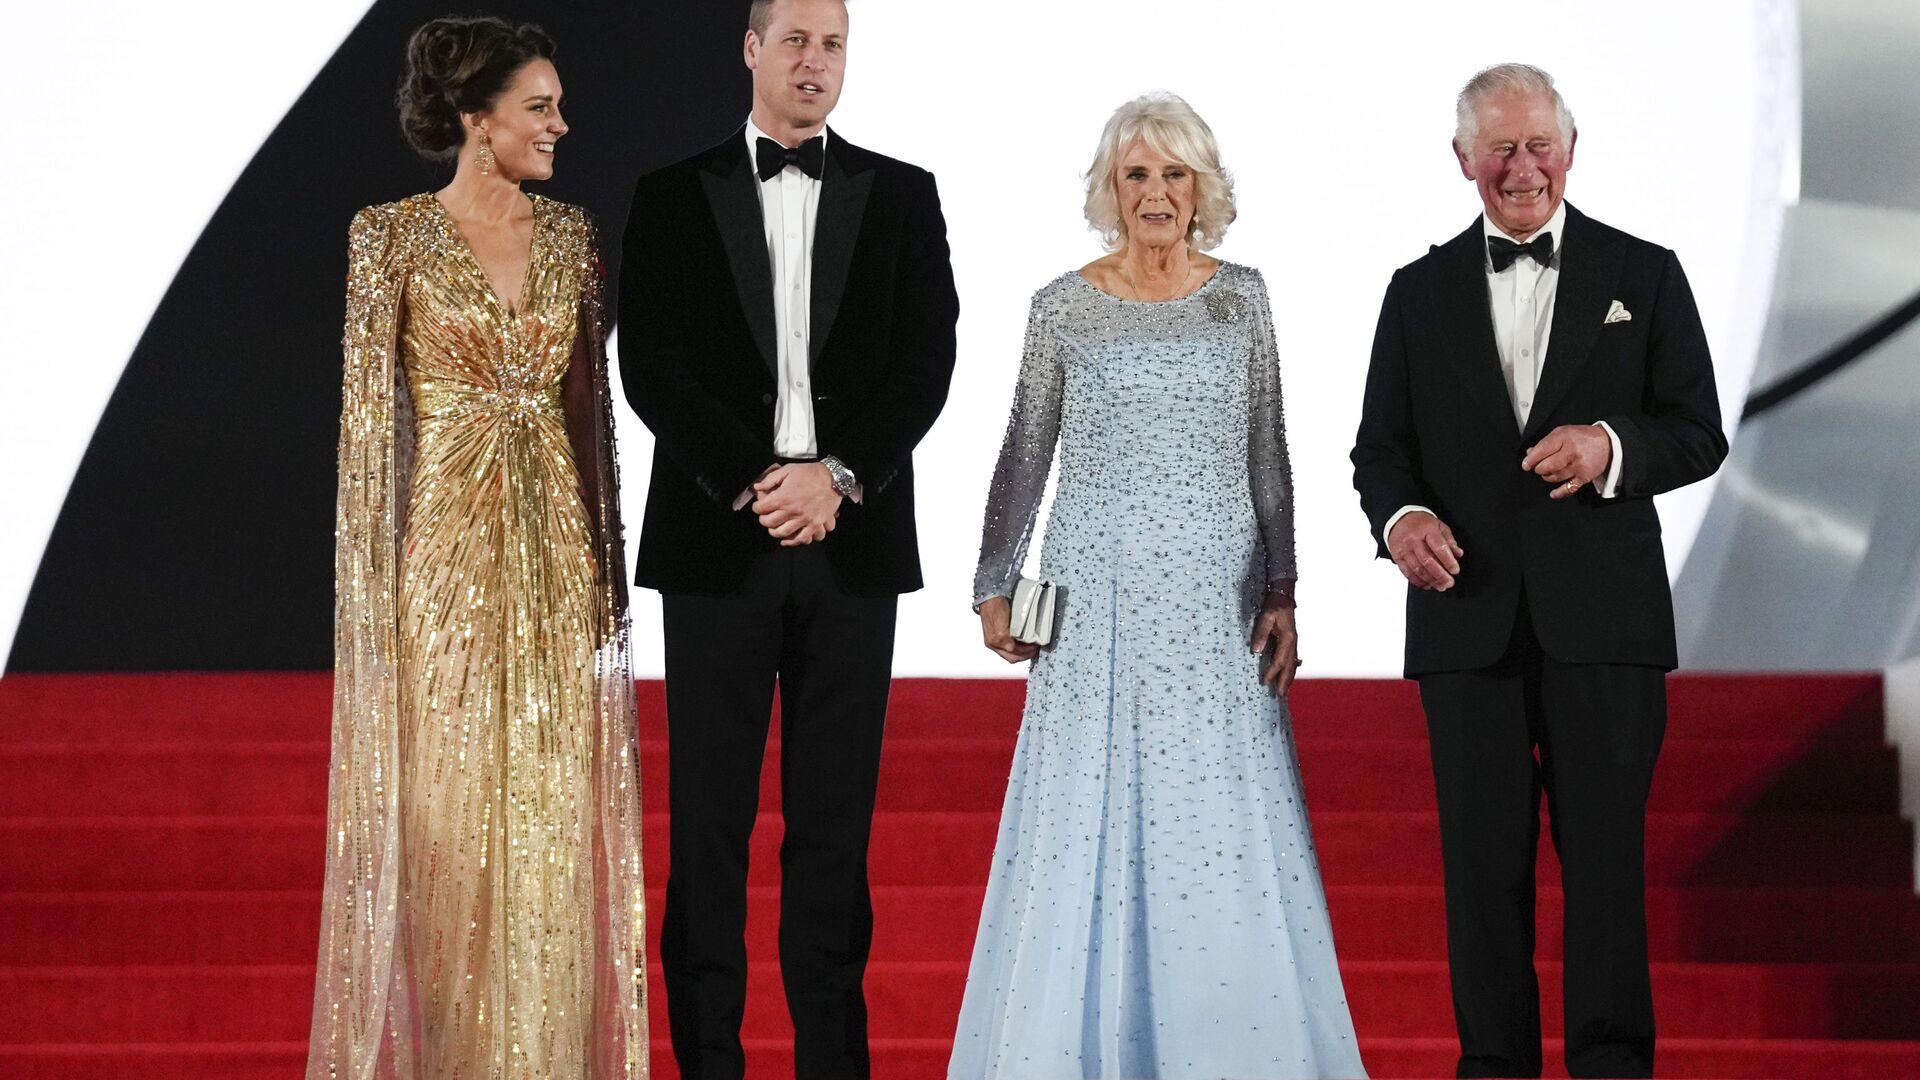 Členové královské rodiny během premiéry nového filmu s agentem 007  - Sputnik Česká republika, 1920, 29.09.2021